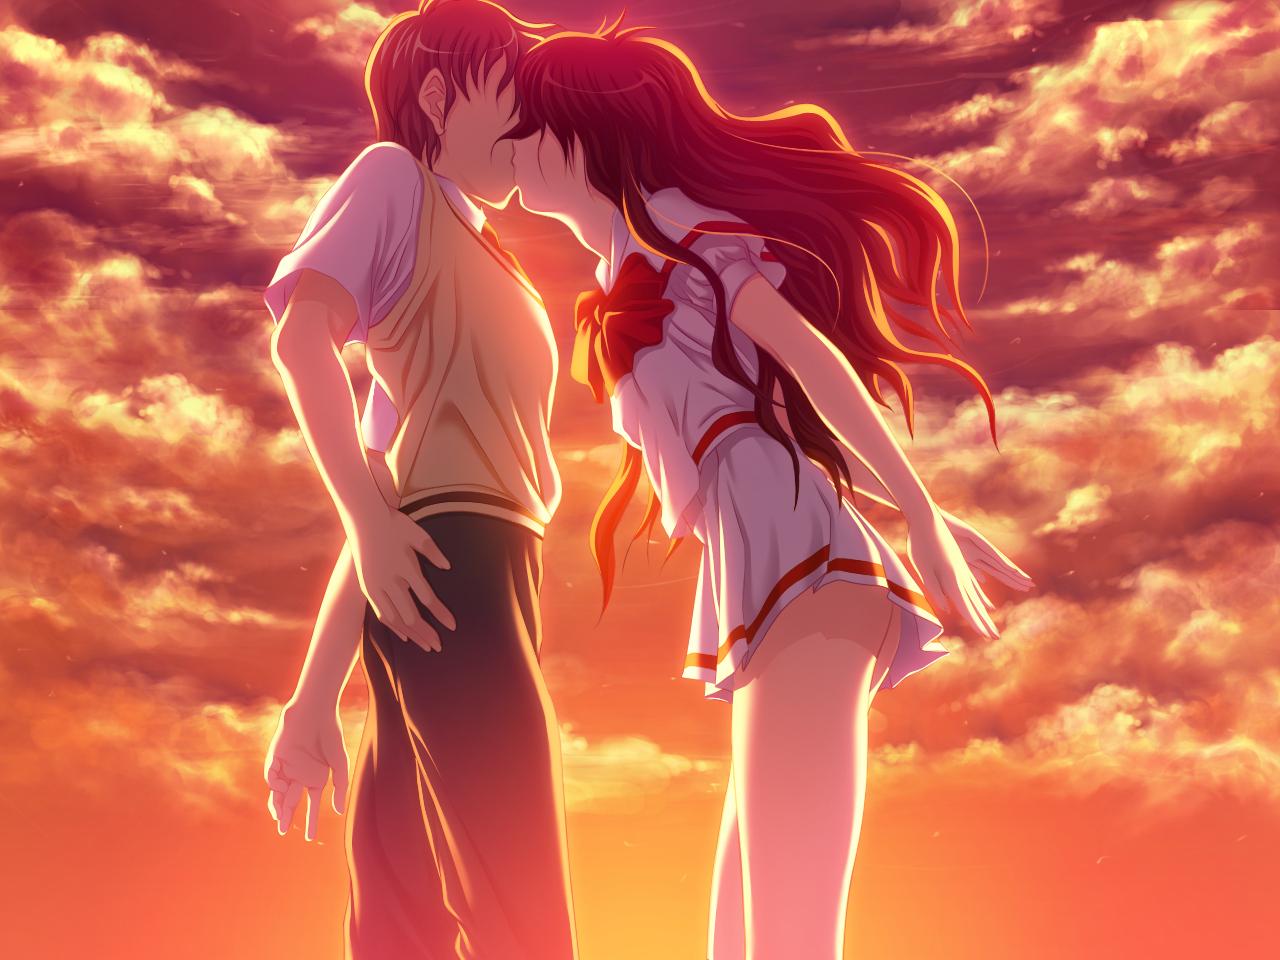 atelier_sakura clouds game_cg hoka_no_otoko_no_seieki_de_harande_mo_ii_desu_ka kiss school_uniform sky sunset tagme wadatsumi_ikuo